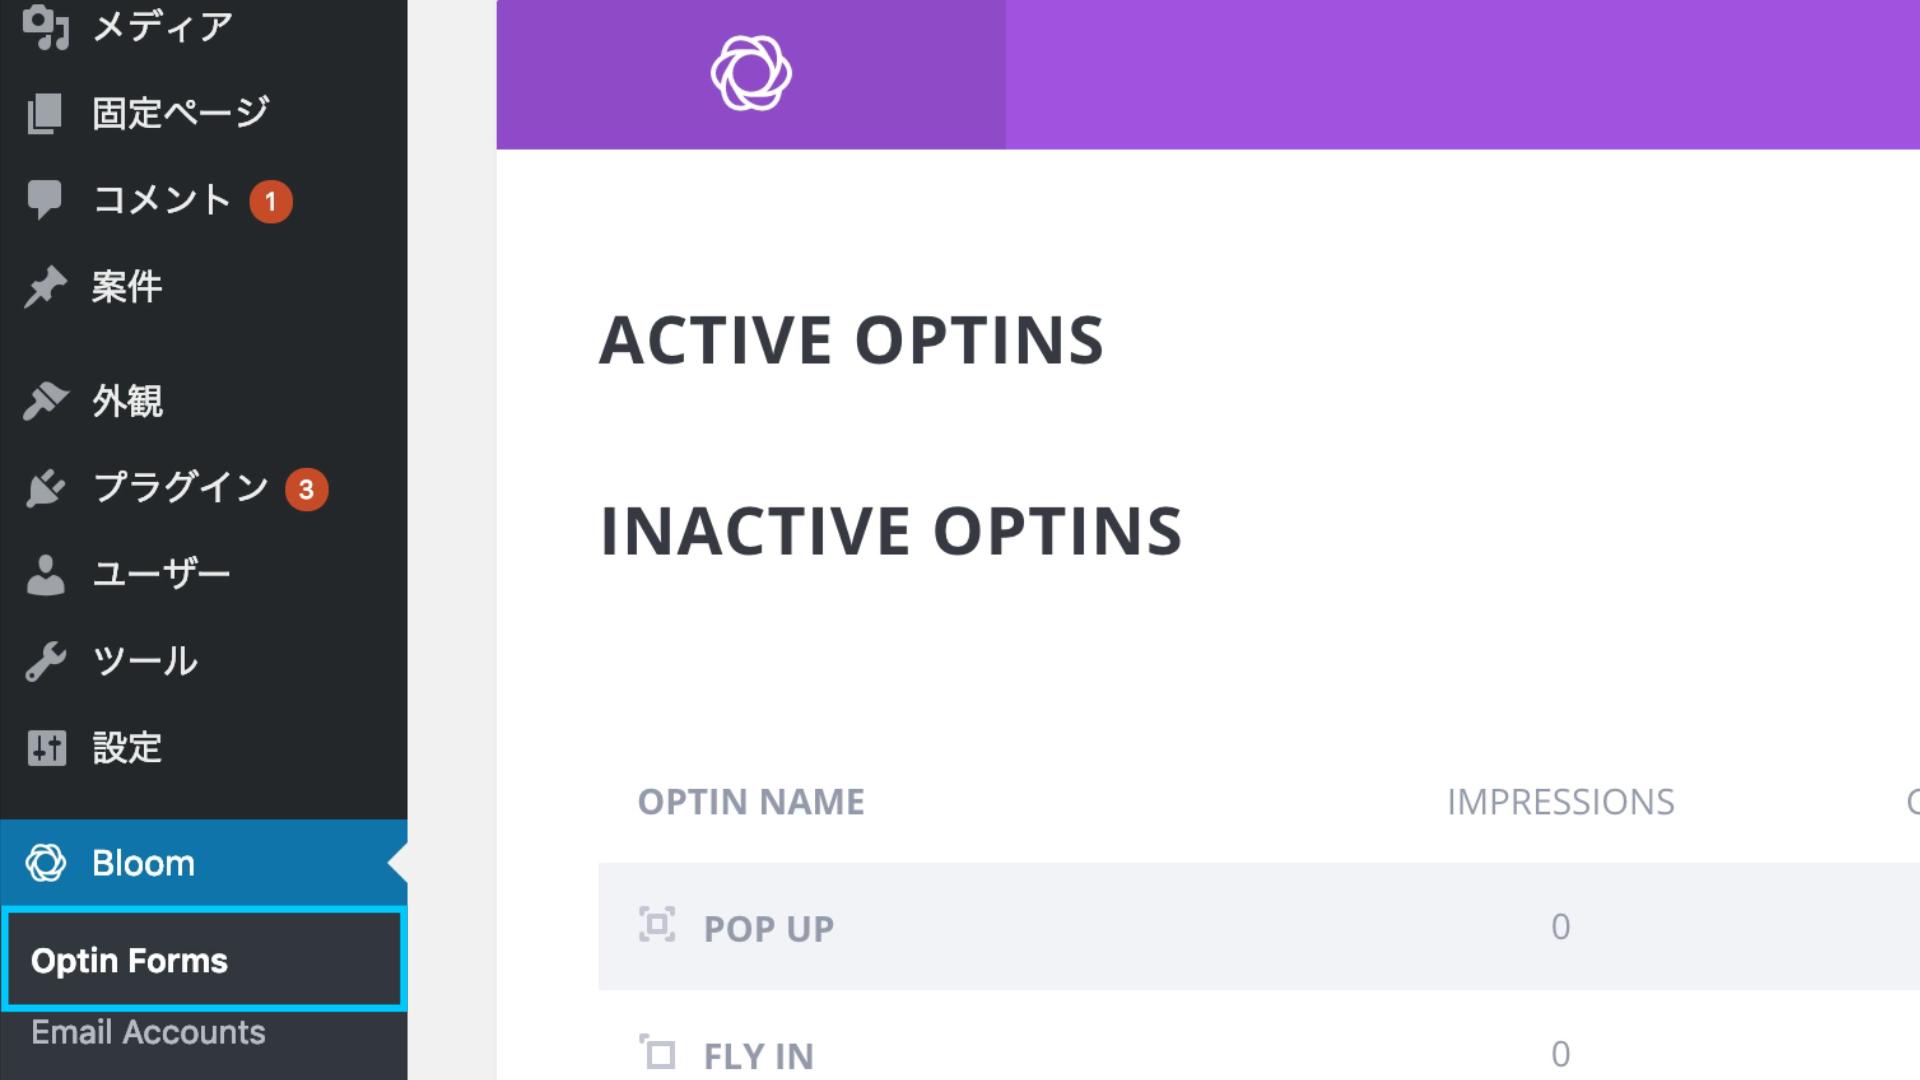 WordPressのダッシュボードで「Bloom」から「Optin Forms」に行く